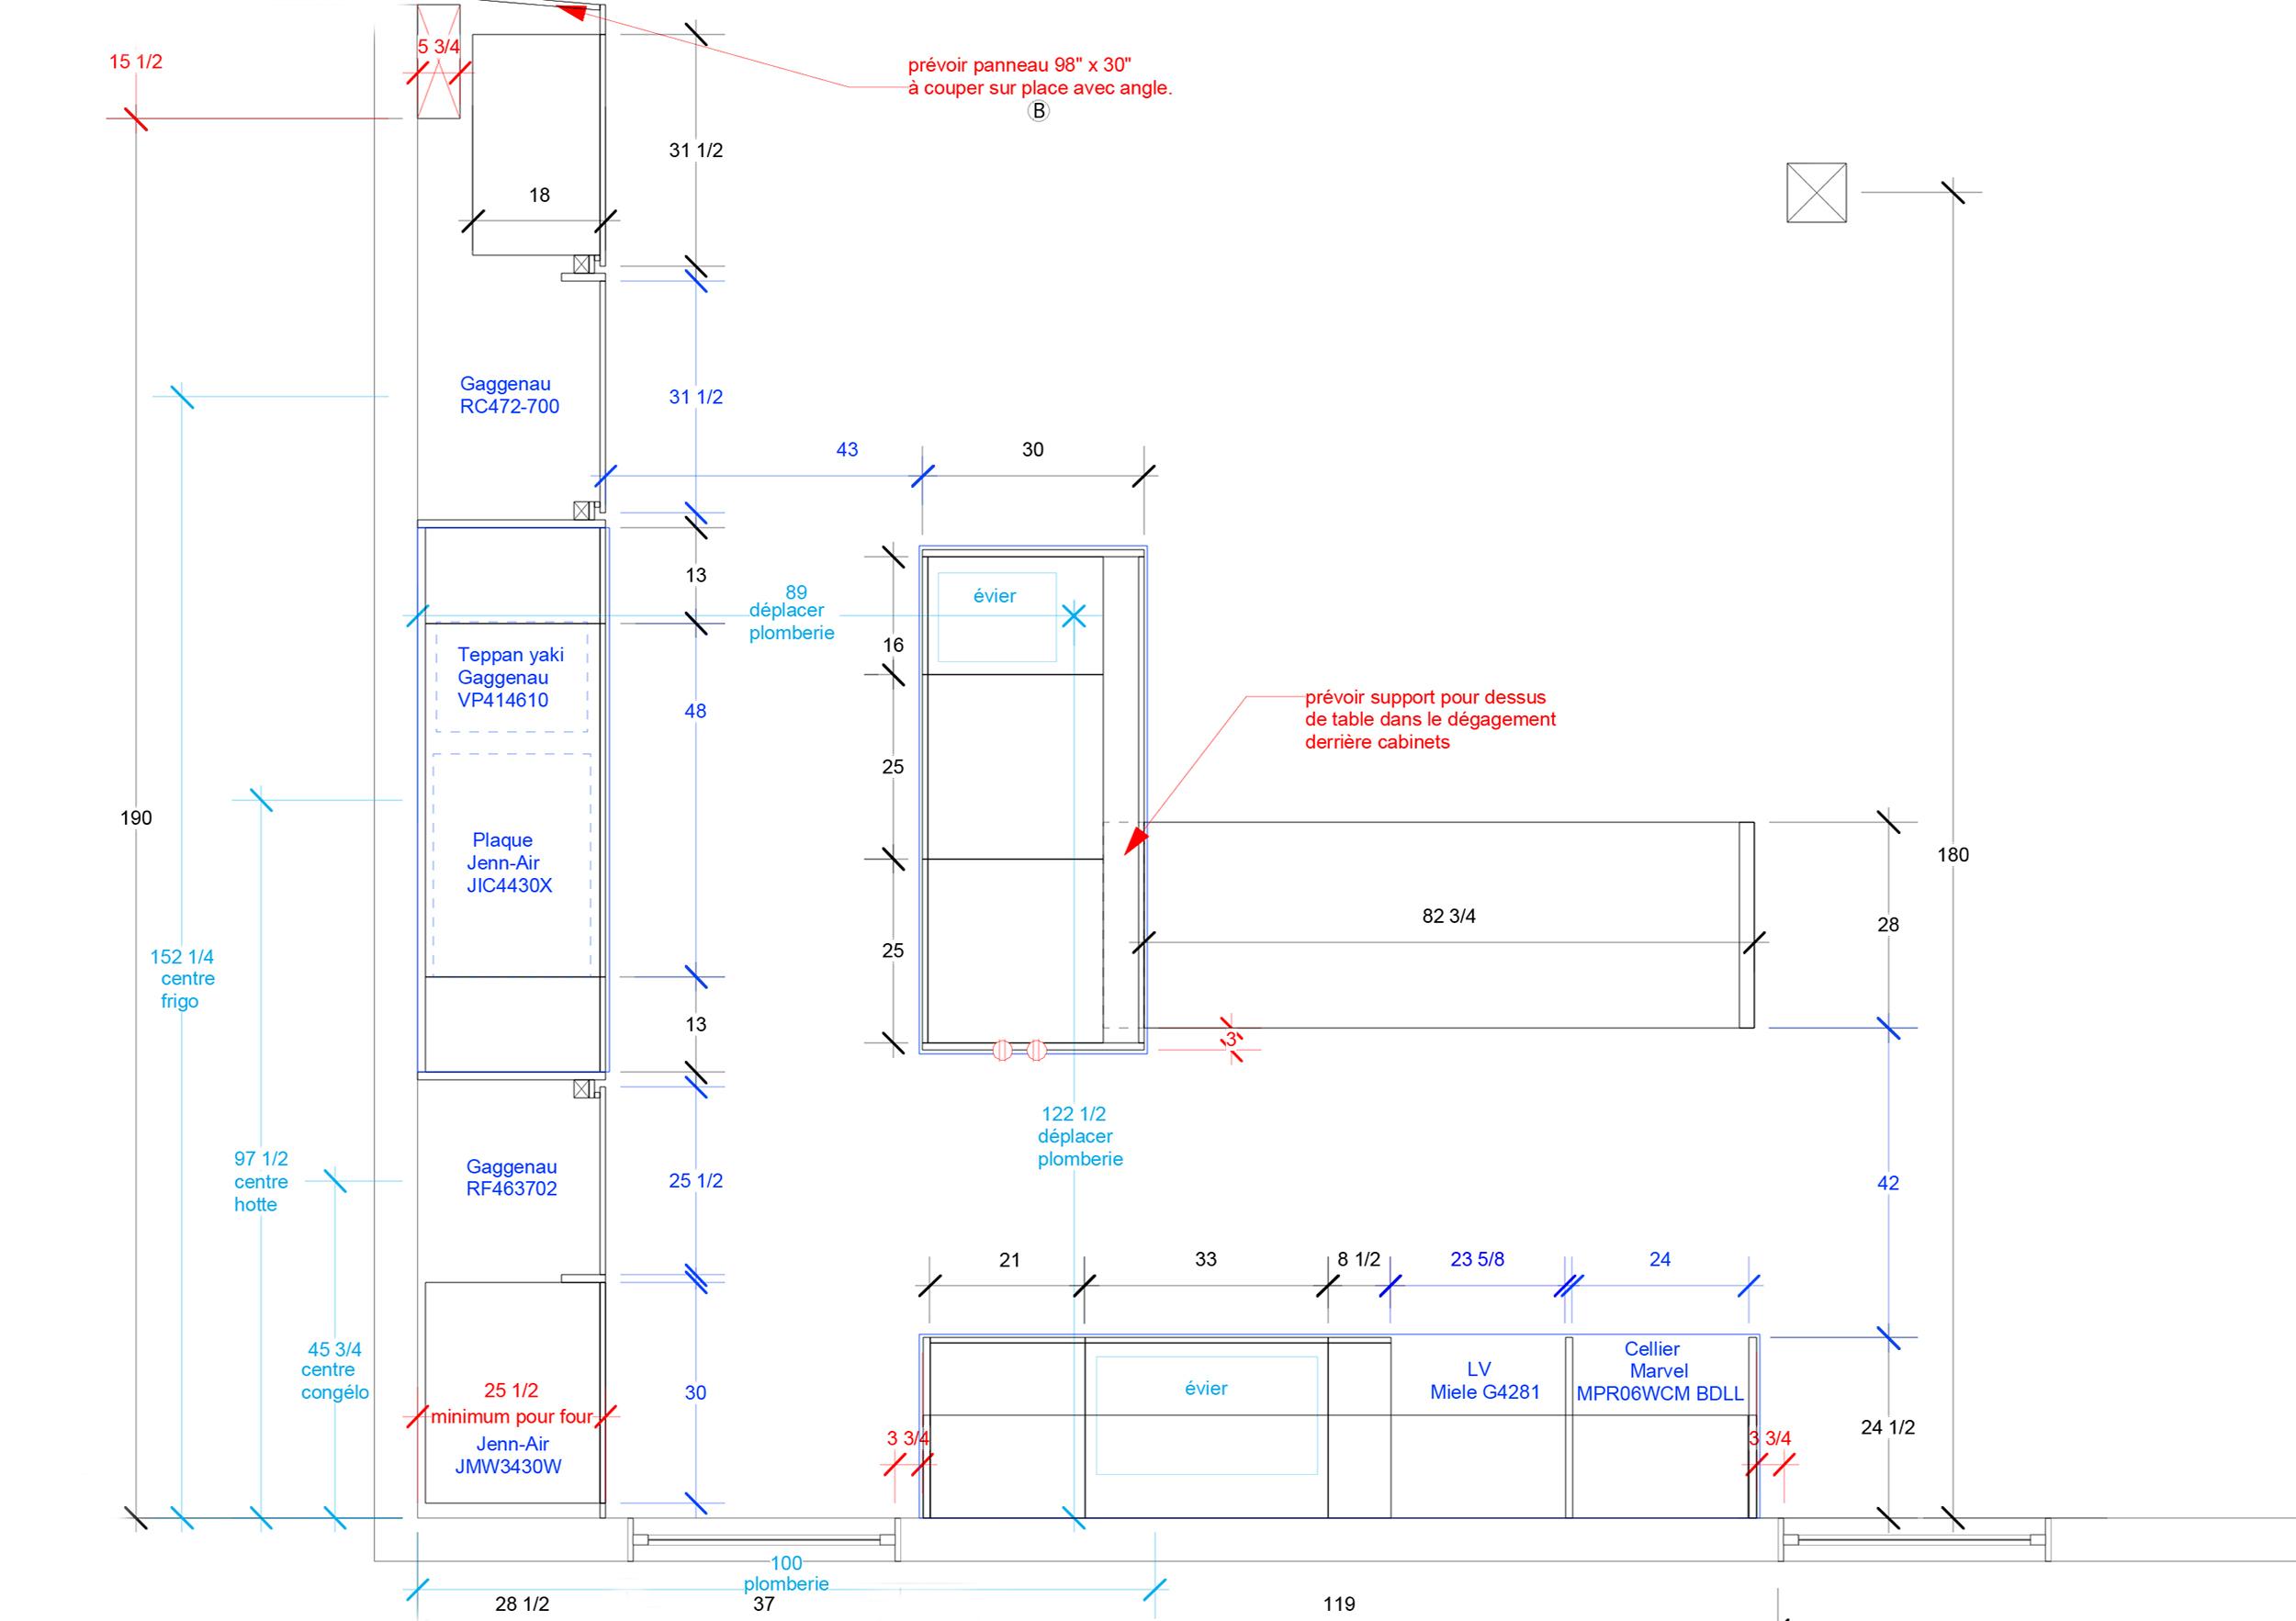 - Cette cuisine s'inscrit dans une rénovation complète d'un condo au dernier étage d'un triplex de Villeray. Puits de lumière et verrière sur le toit, la cuisine en périphérie de l'espace met de l'avant des matériaux riches et foncés soulignant la brèche de lumière qui égaye le centre de la pièce.Matériaux: laque de polyuréthane noire avec 30% de lustre, placage de noyer d'amérique noir huilé - effet planche, comptoir et dosseret de neolith.